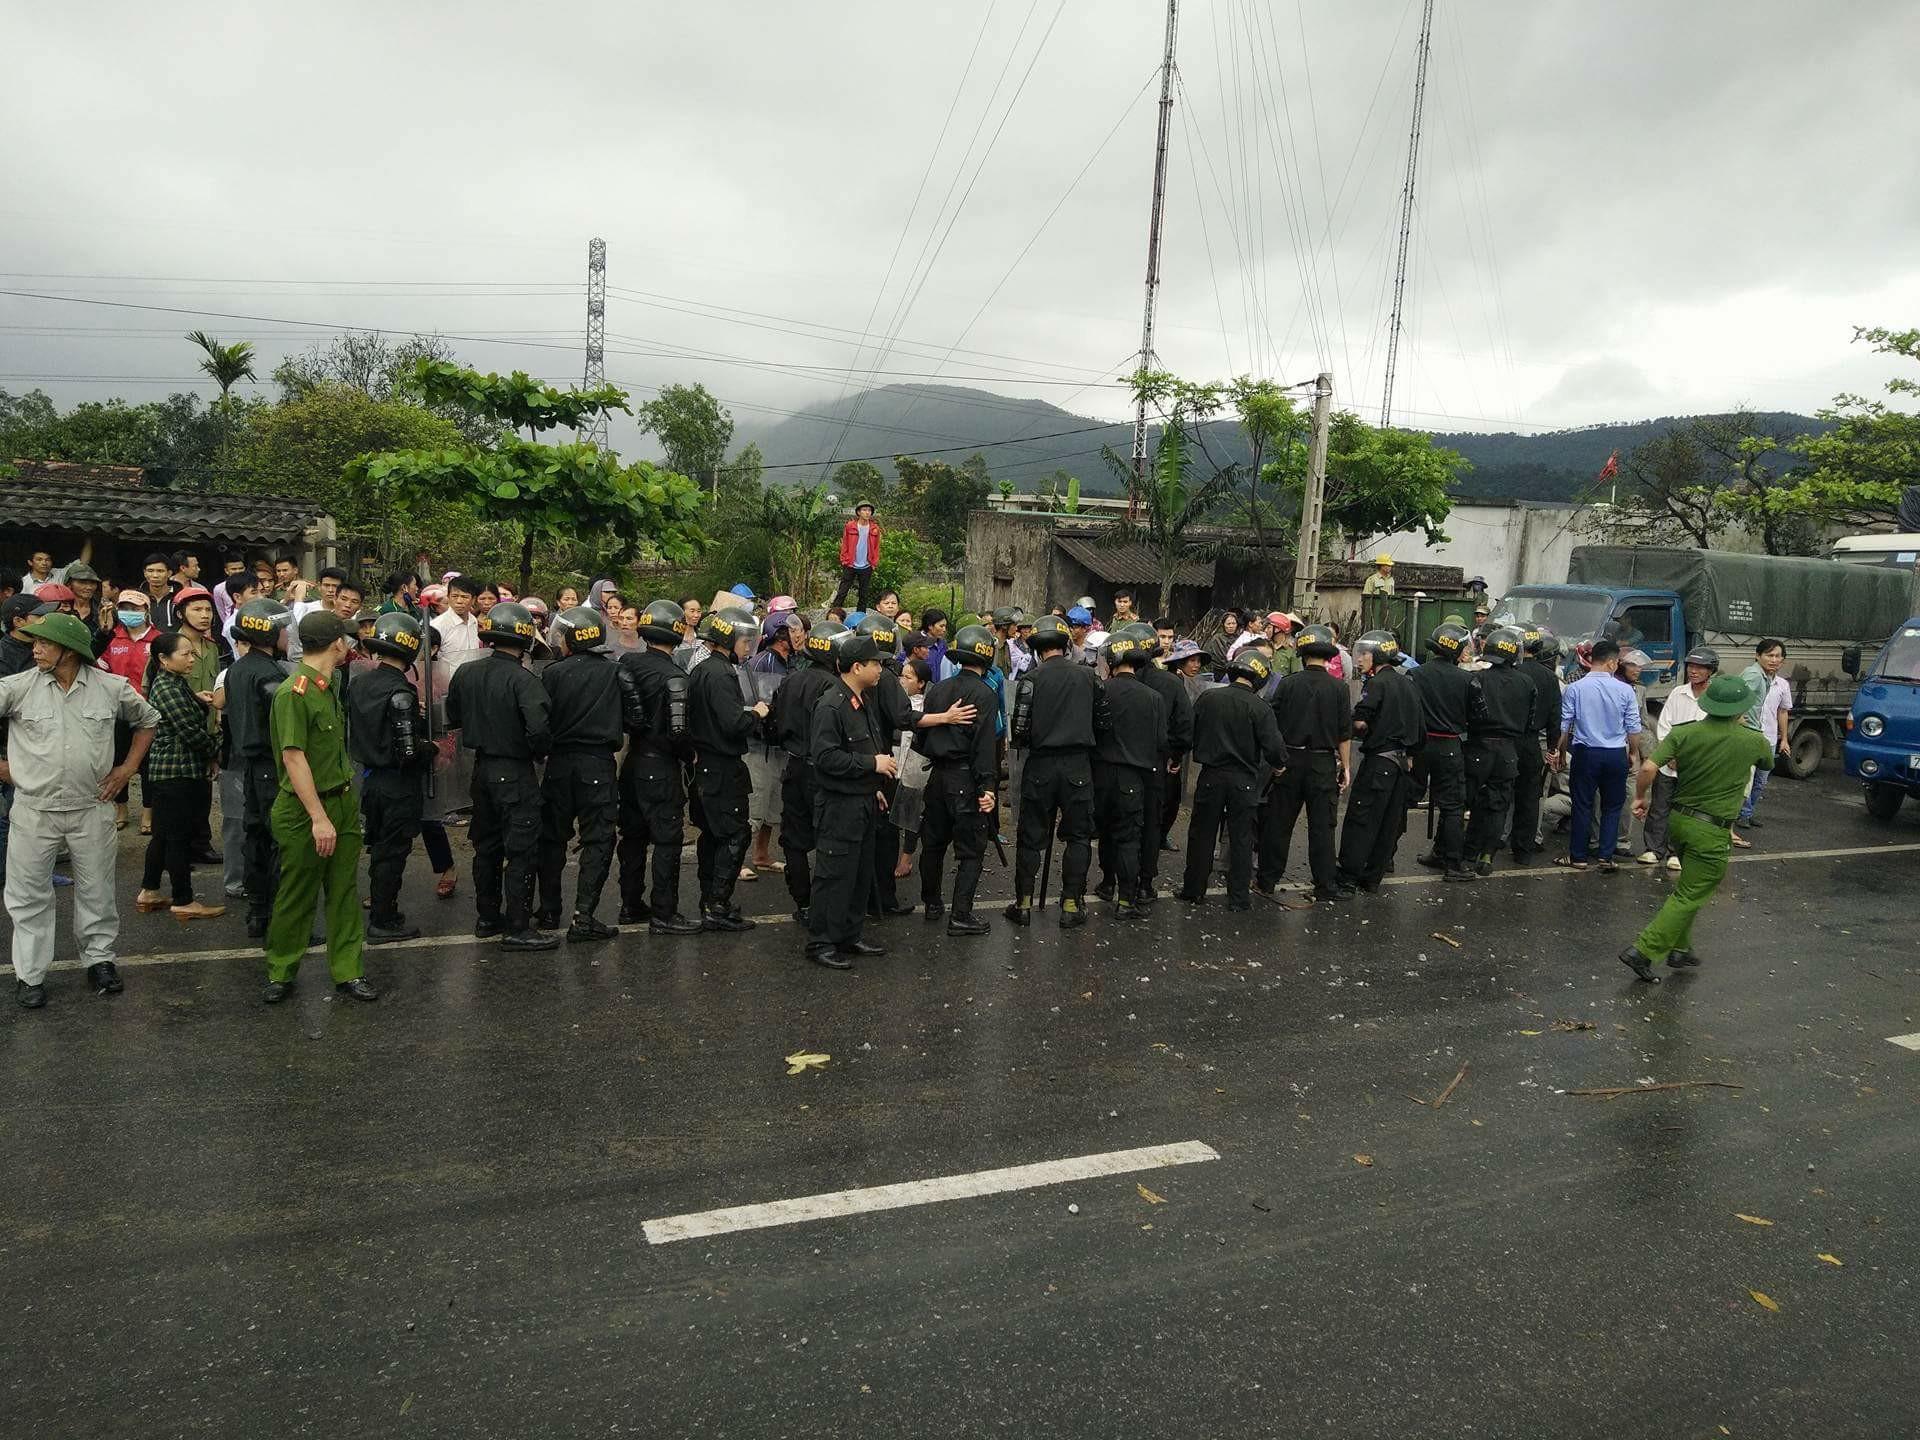 Người dân Kỳ Nam, Hà Tĩnh chặn quốc lộ biểu tình Formosa, bị công an đàn áp thẳng tay